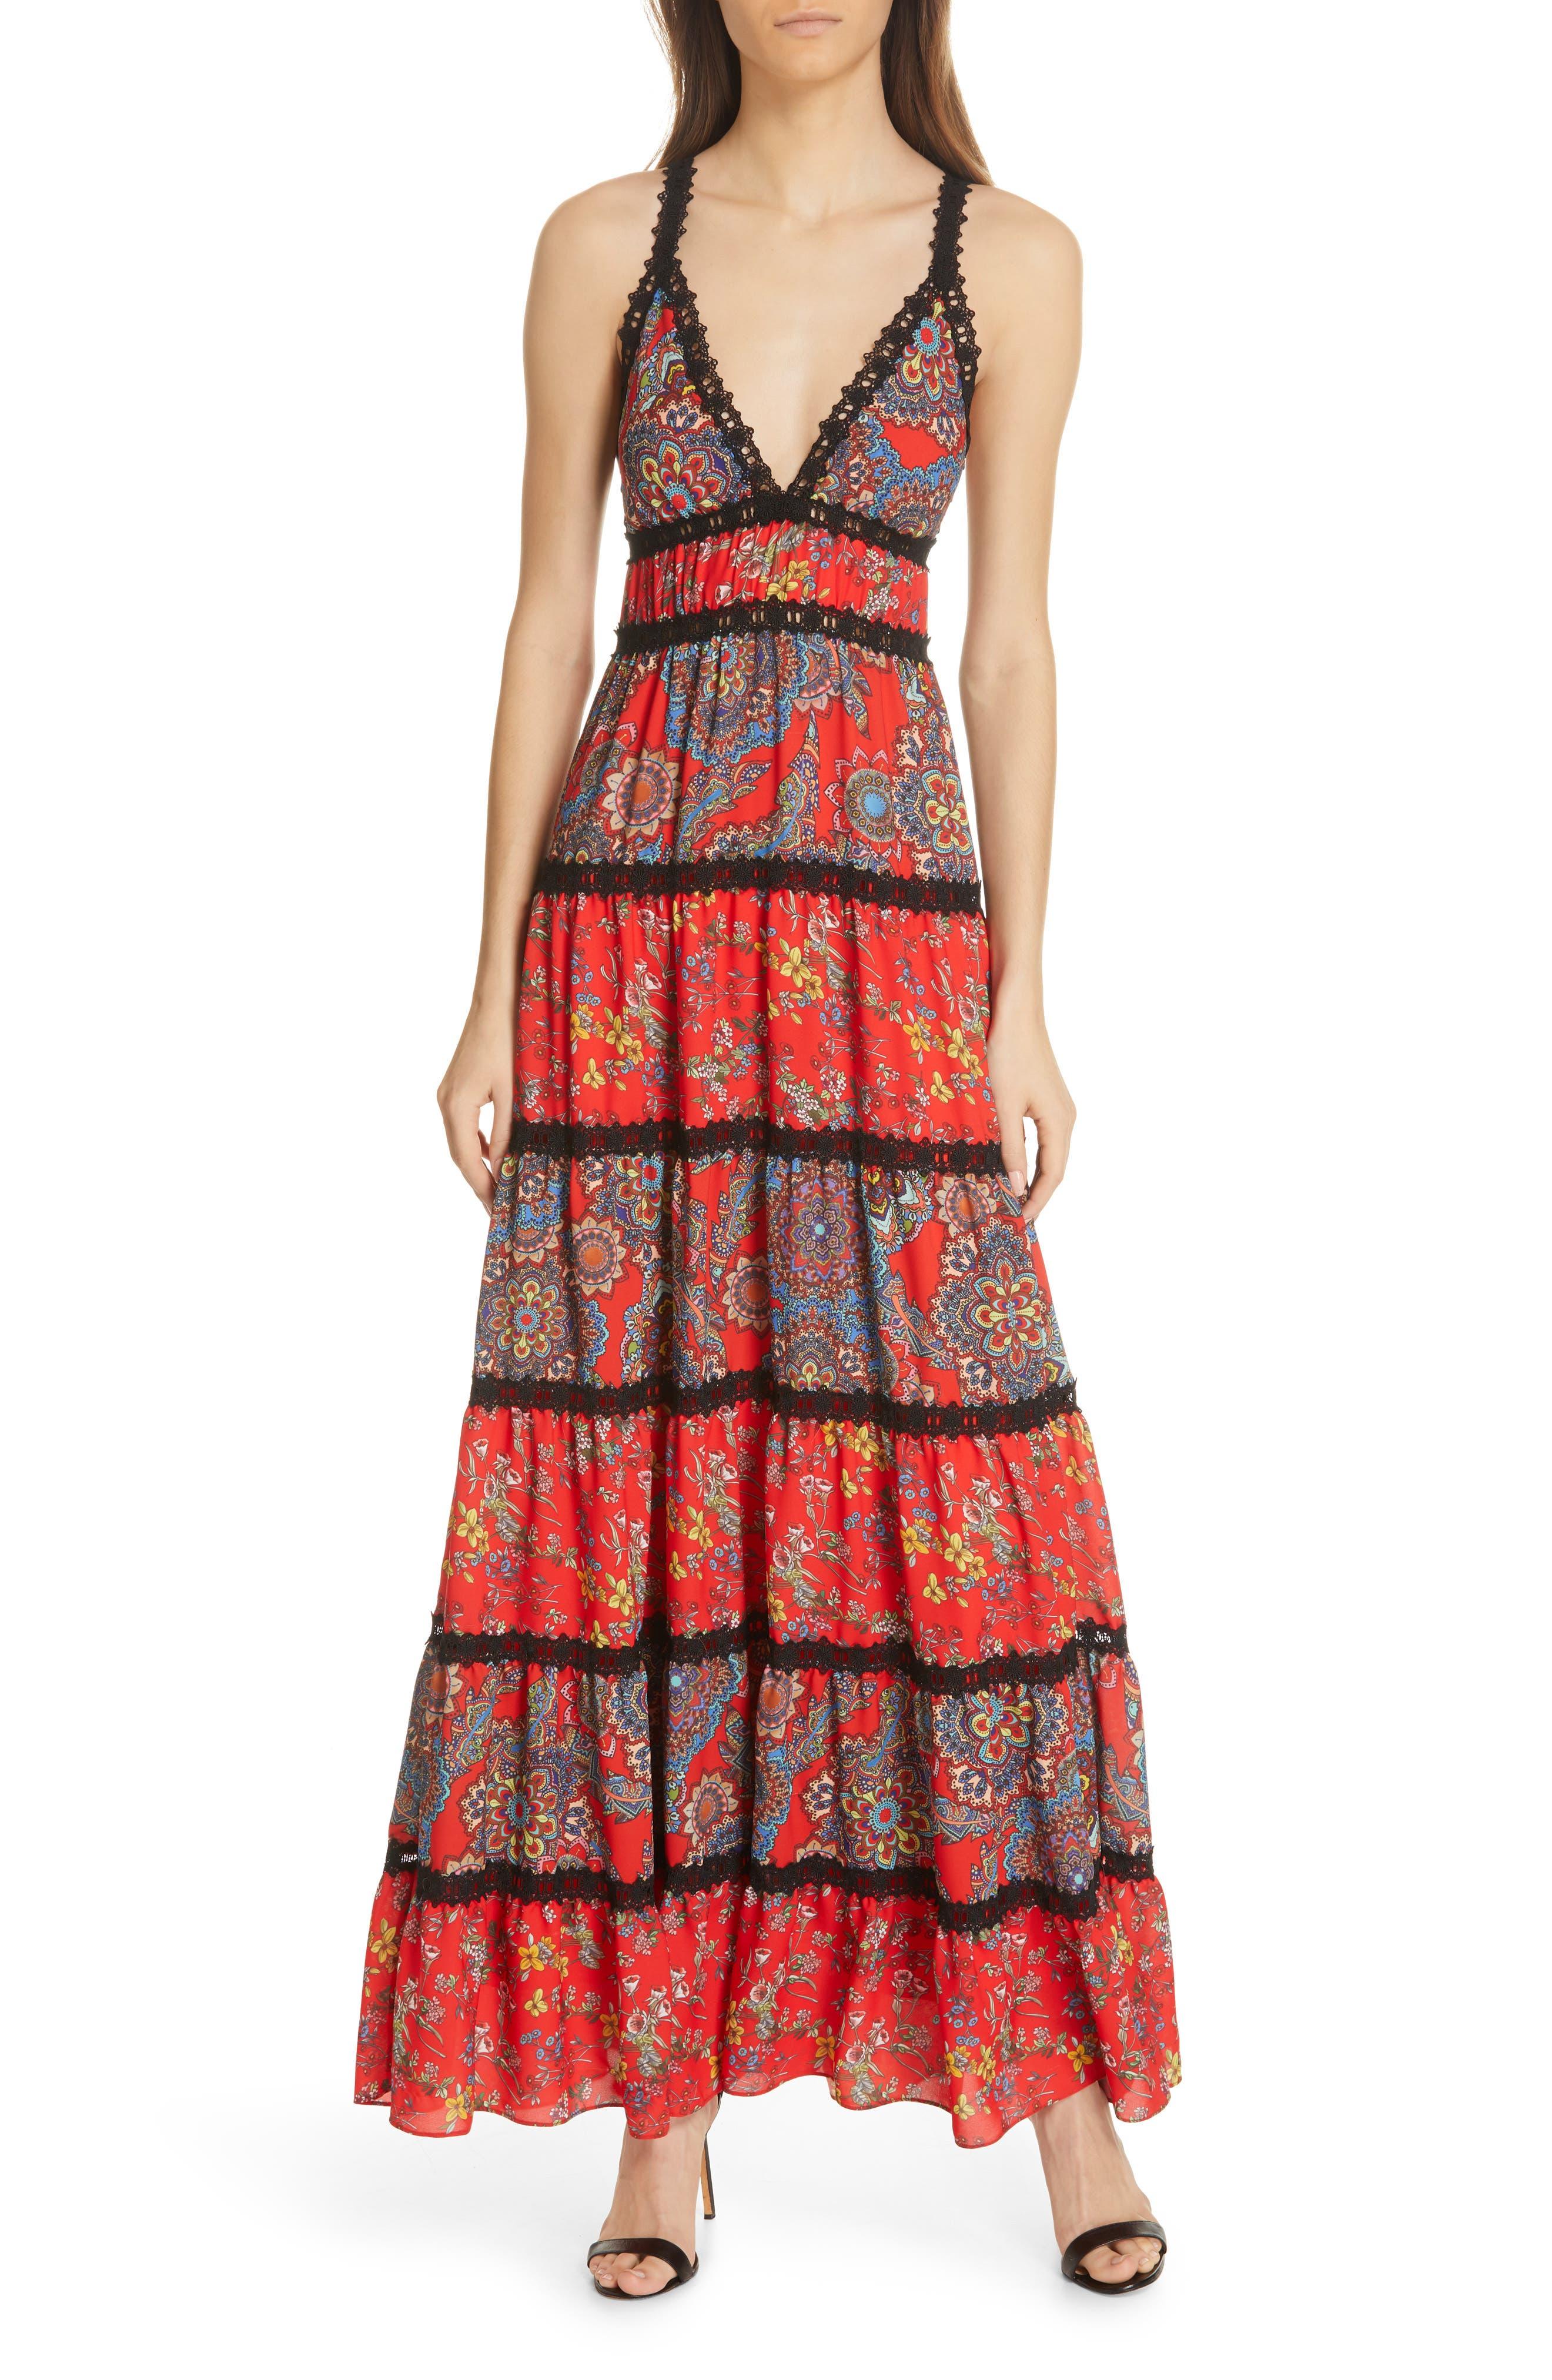 Alice + Olivia Karolina Mixed Print Maxi Dress, Red